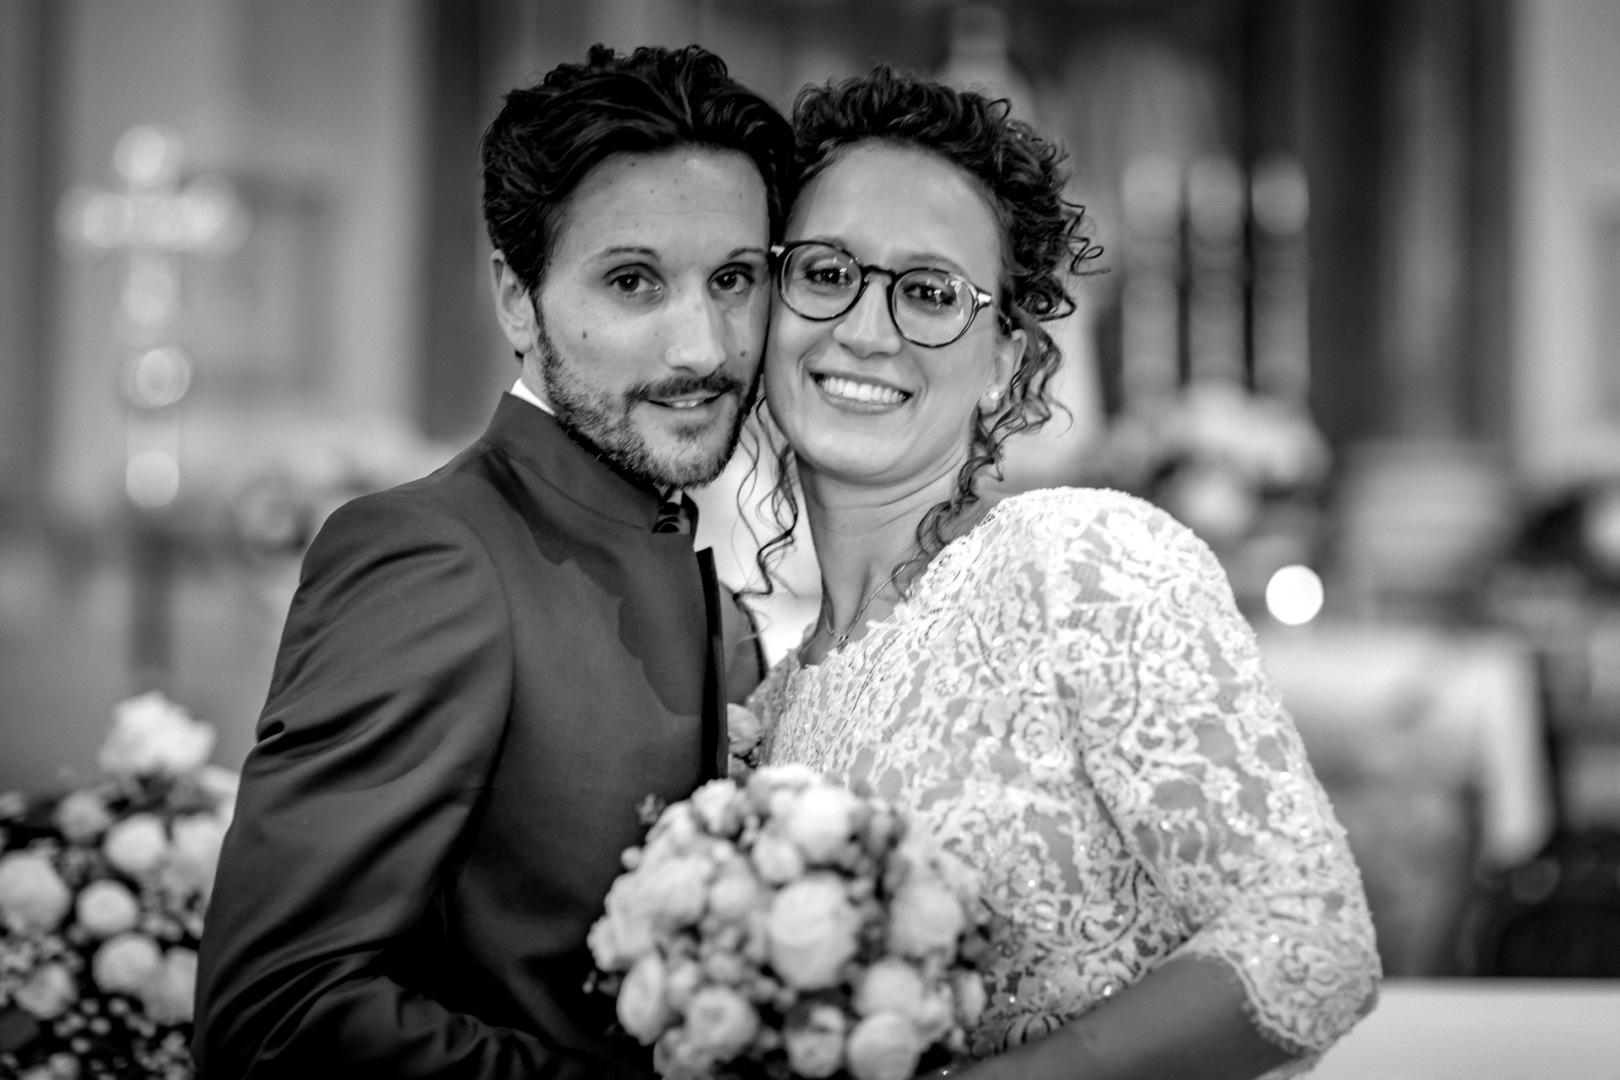 nicola-da-lio-wedding-photographer-venezia-treviso-padova-veneto-italia-114